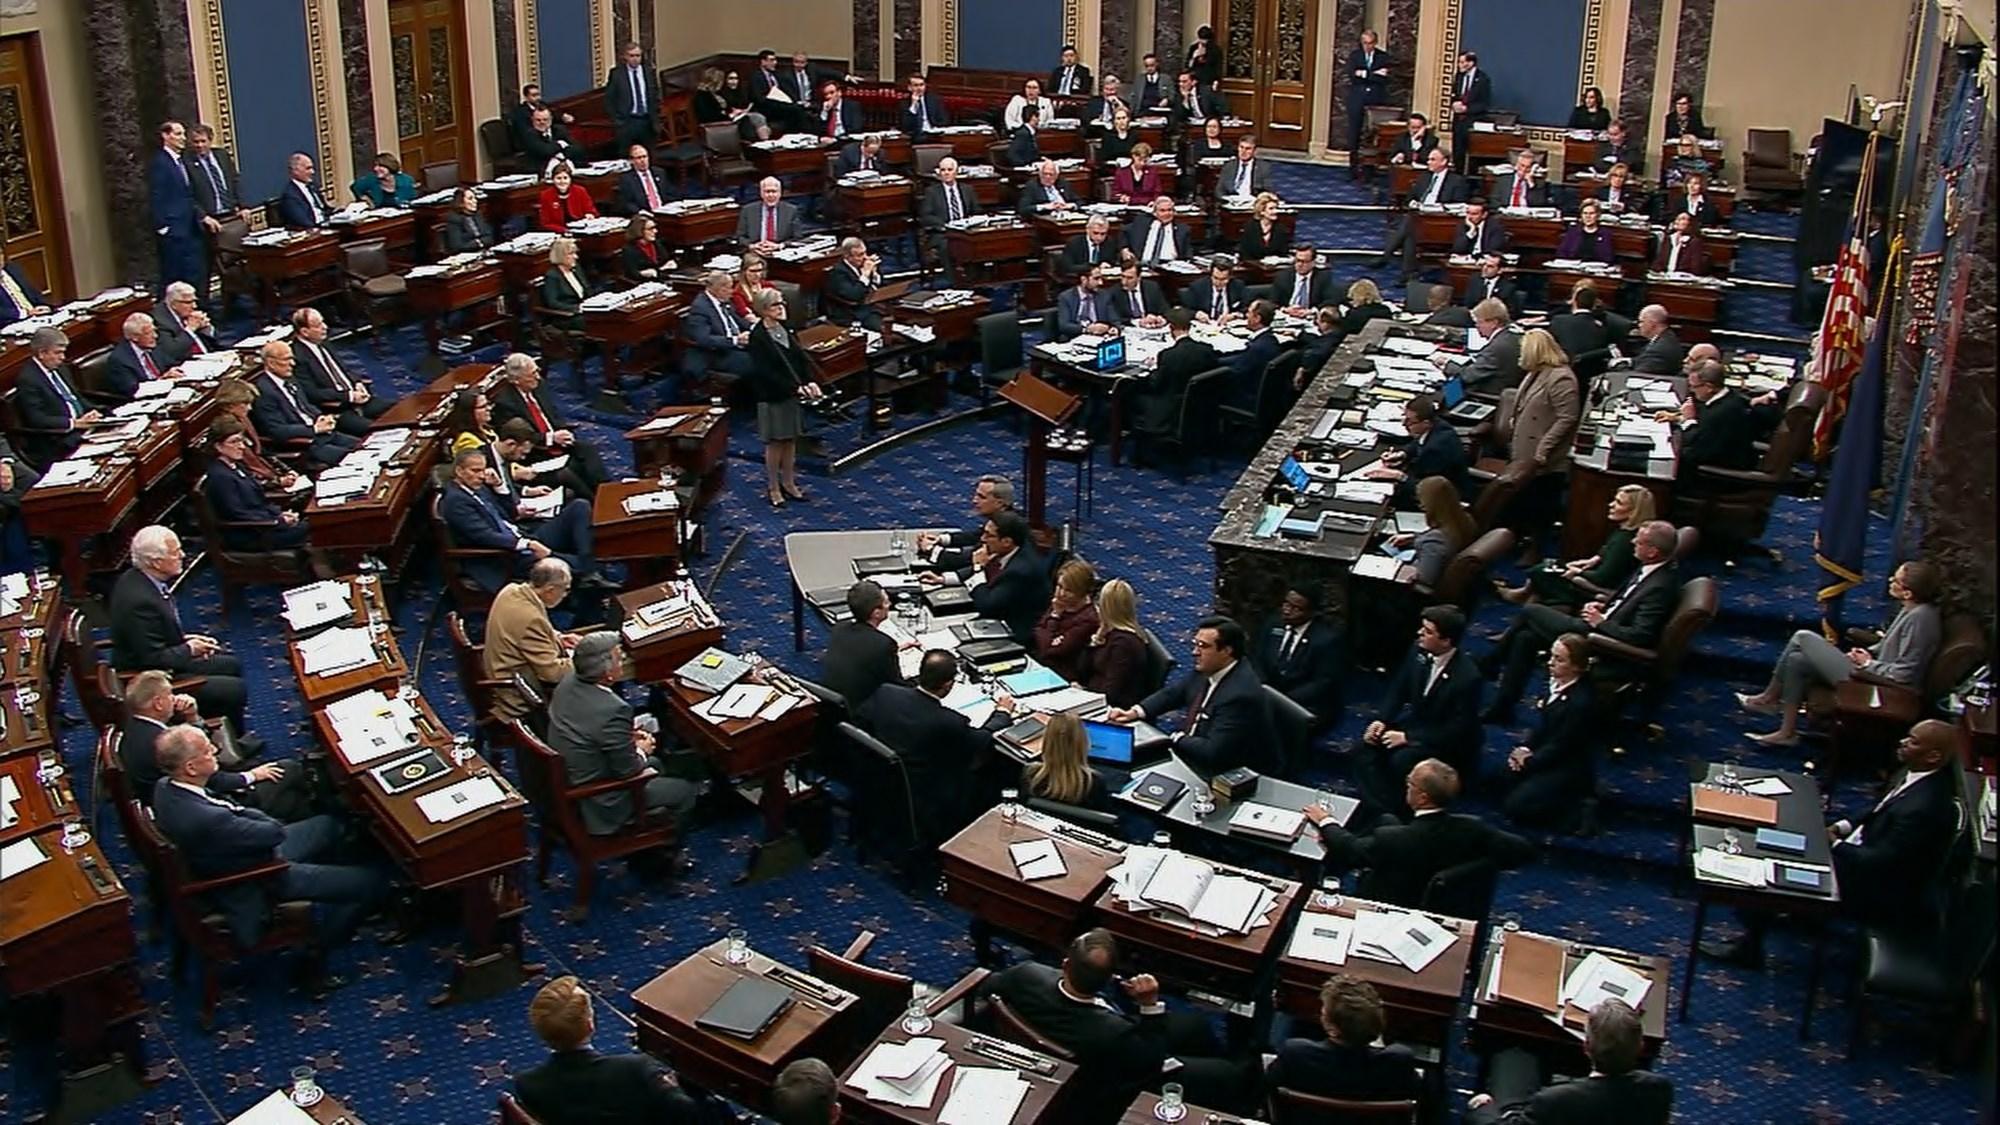 مجلس الشيوخ الأميركي يوافق على القواعد المنظمة لمحاكمة ترامب